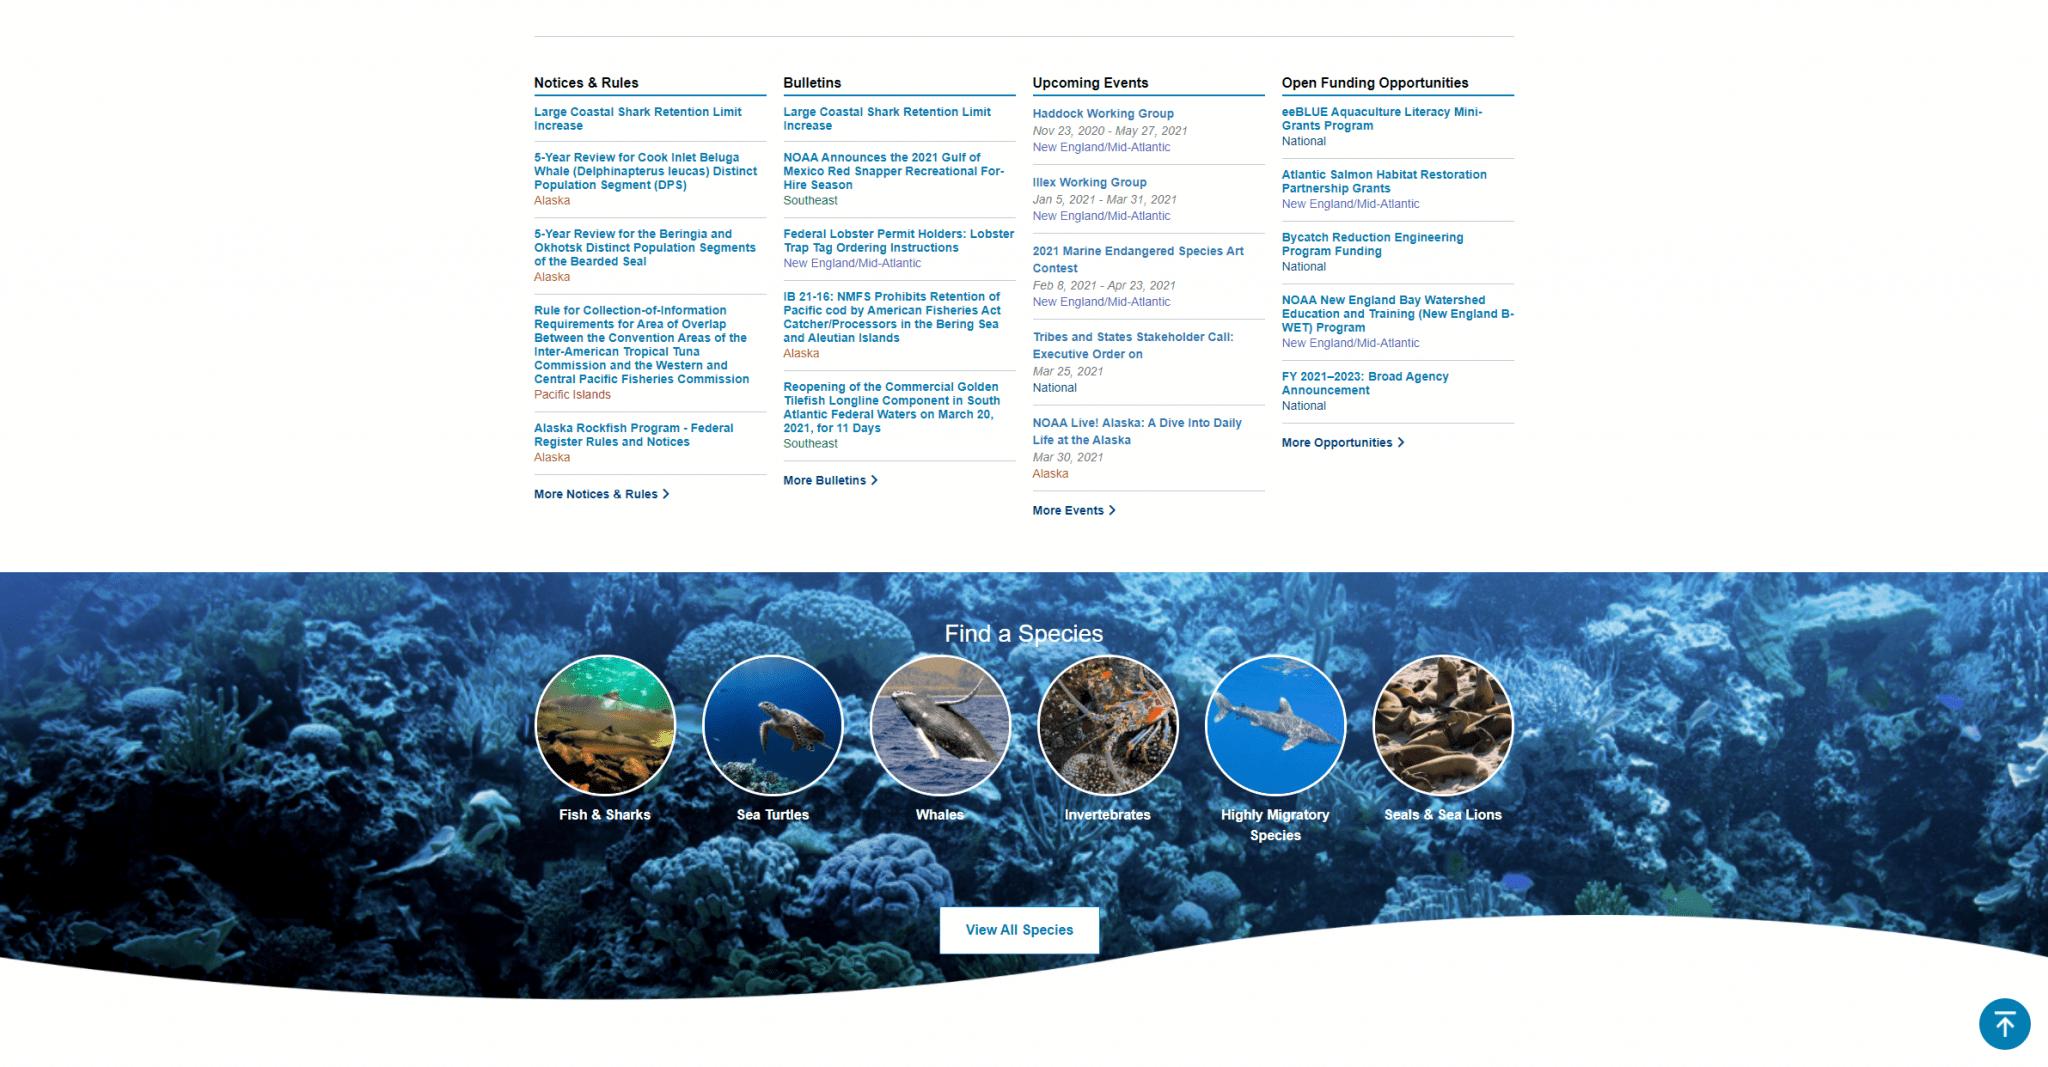 https___www.fisheries.noaa.gov_ Welcome to NOAA – NOAA Fisheries_002